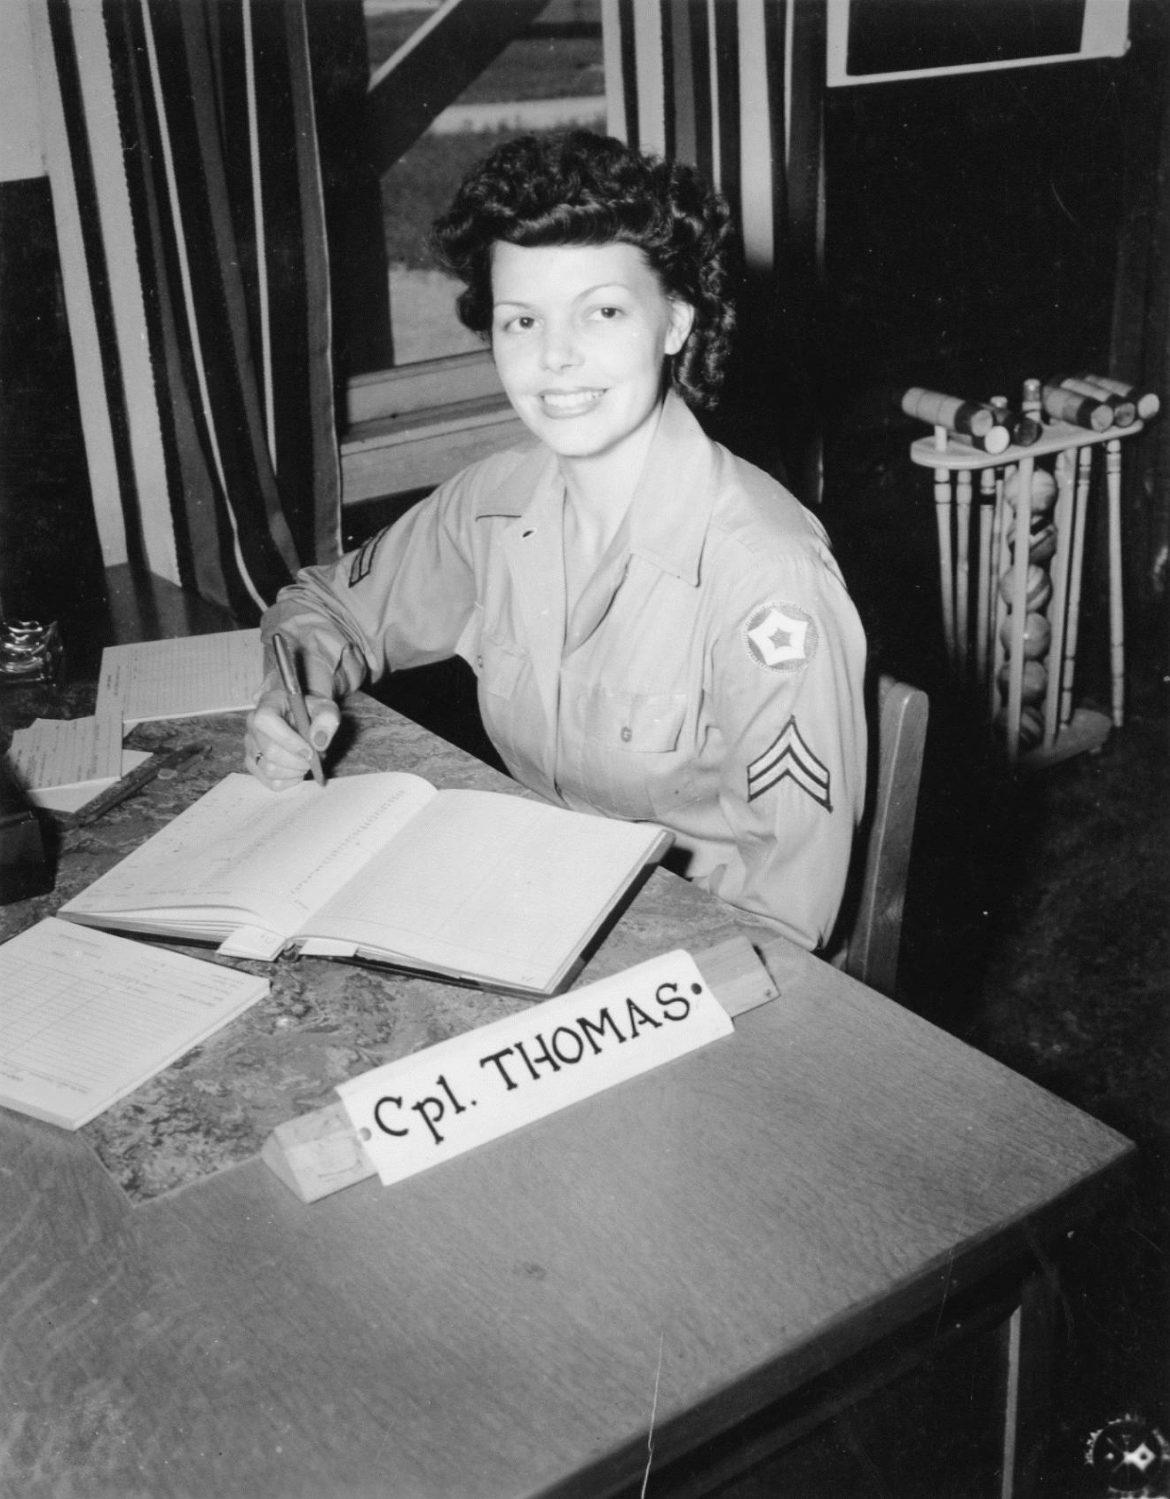 WAC Corporal at Camp Atterbury, Indiana